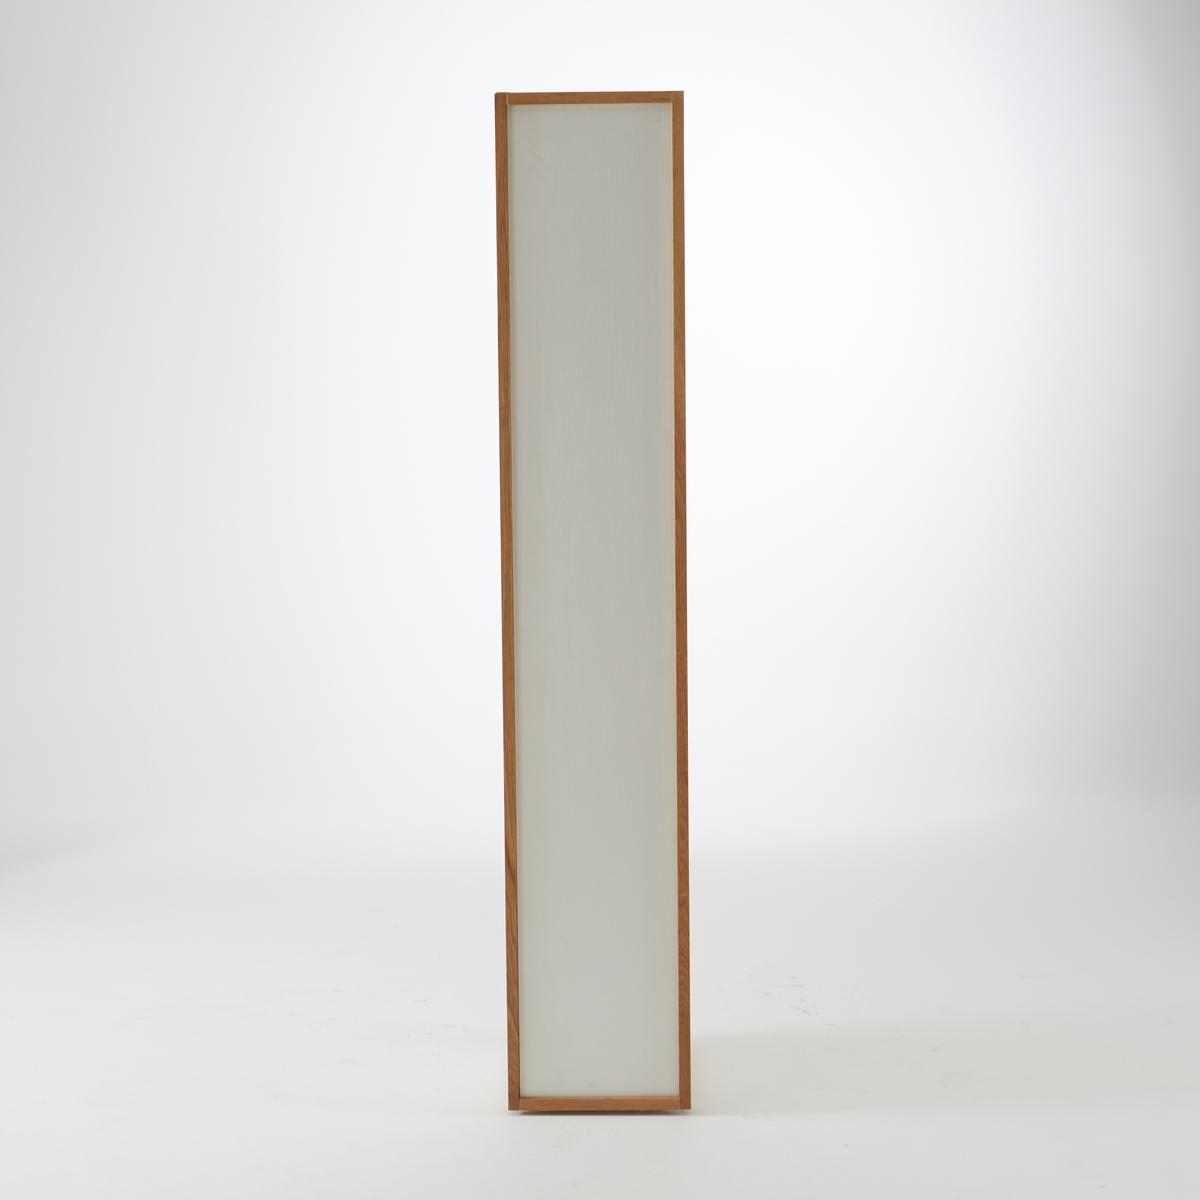 1-дверный шкаф с 6 полками из массива дуба, Compo